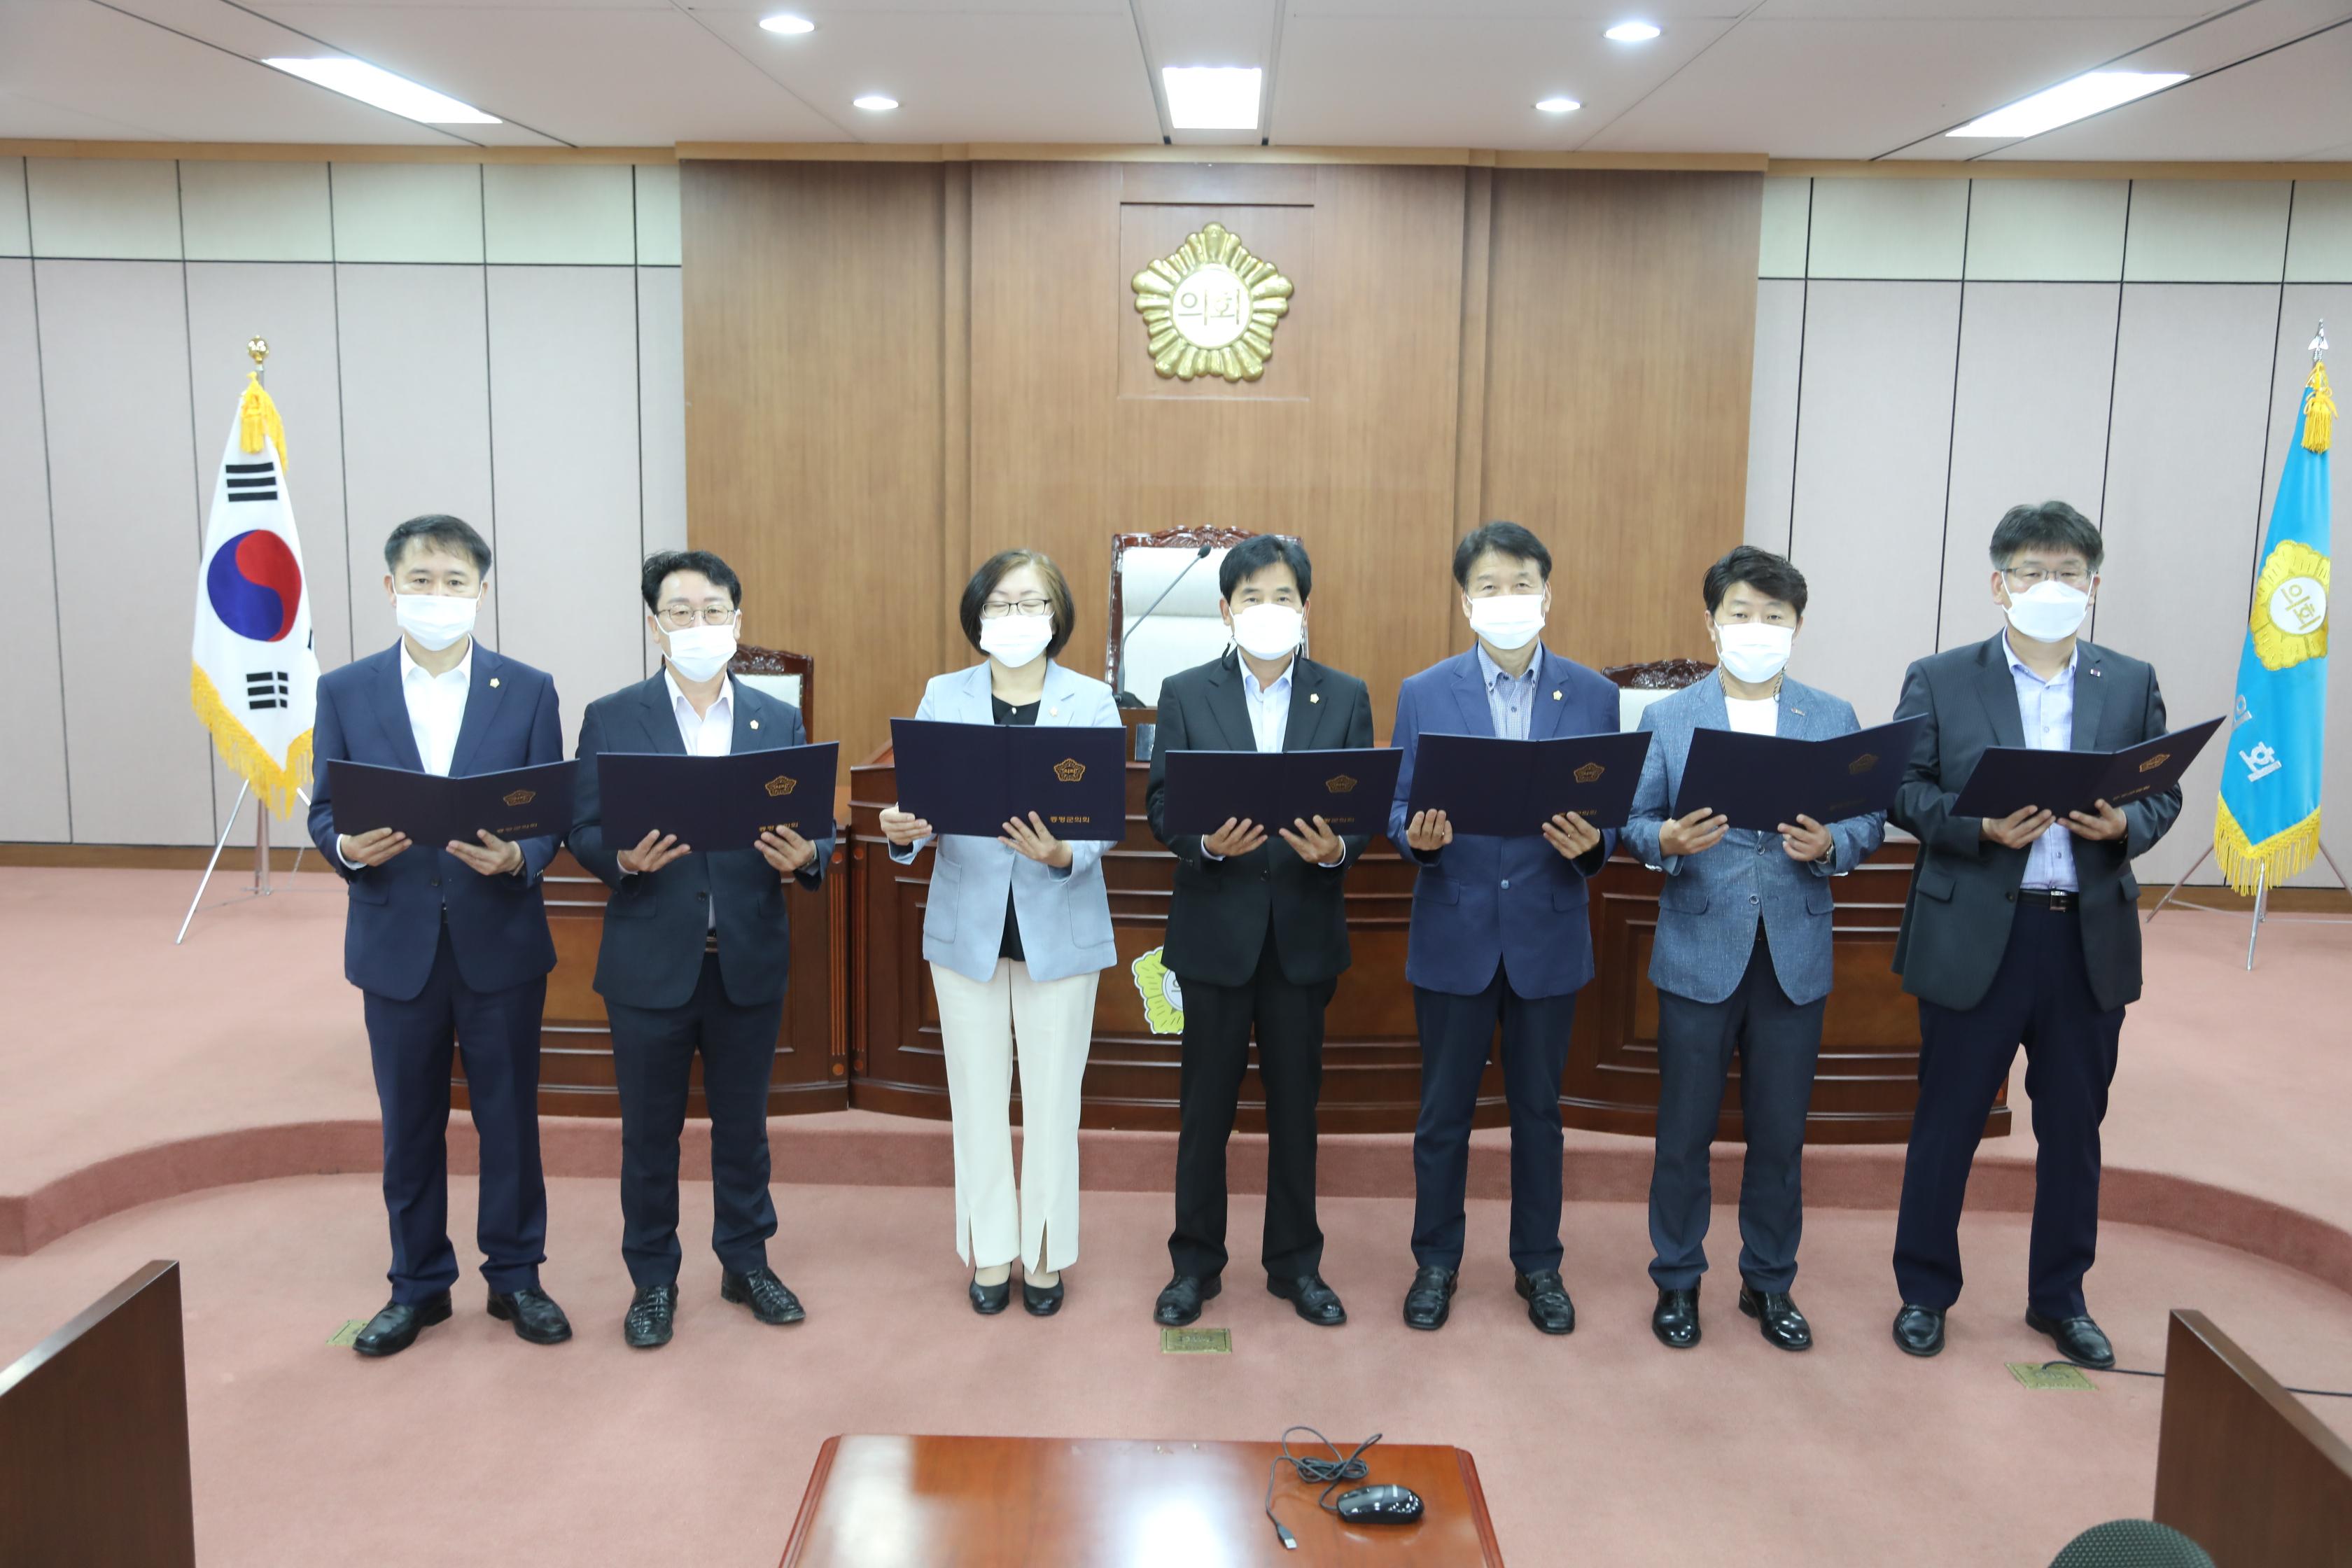 증평군의회 한국철도공사 충북본부 통폐합 반대 성명 발표 [이미지]